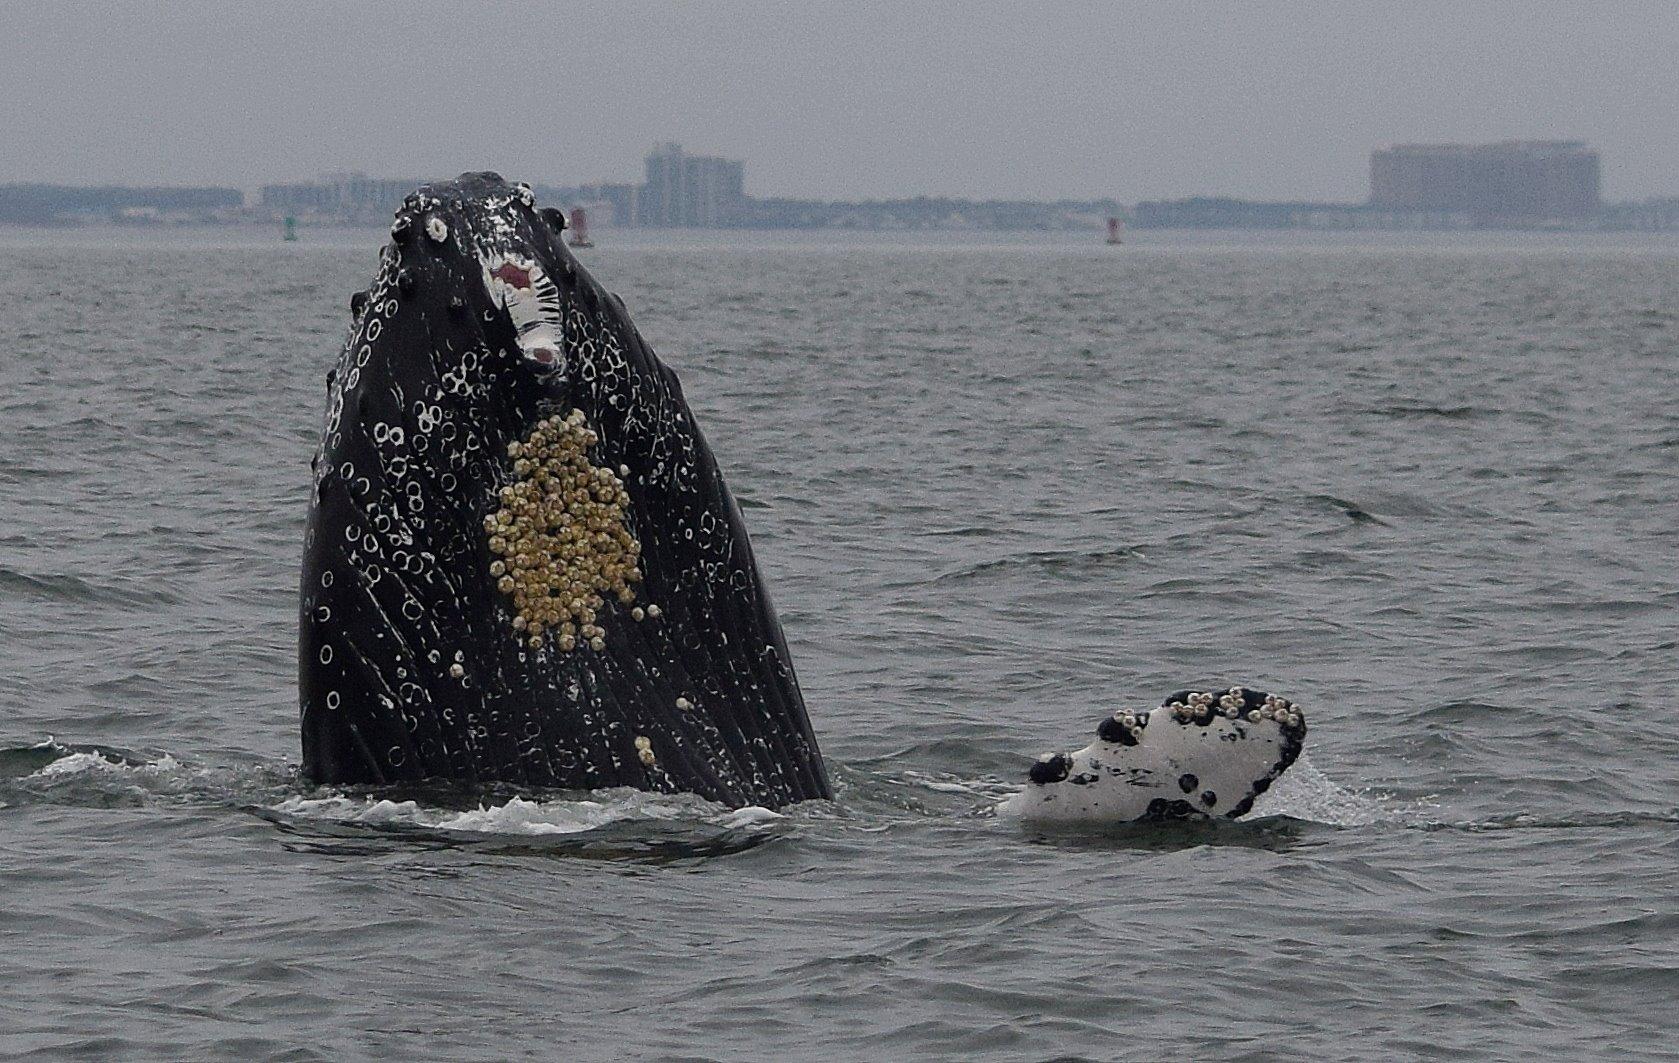 humpback whale, jet ski Brian, chesapeake bay, maryland, east coast whales,